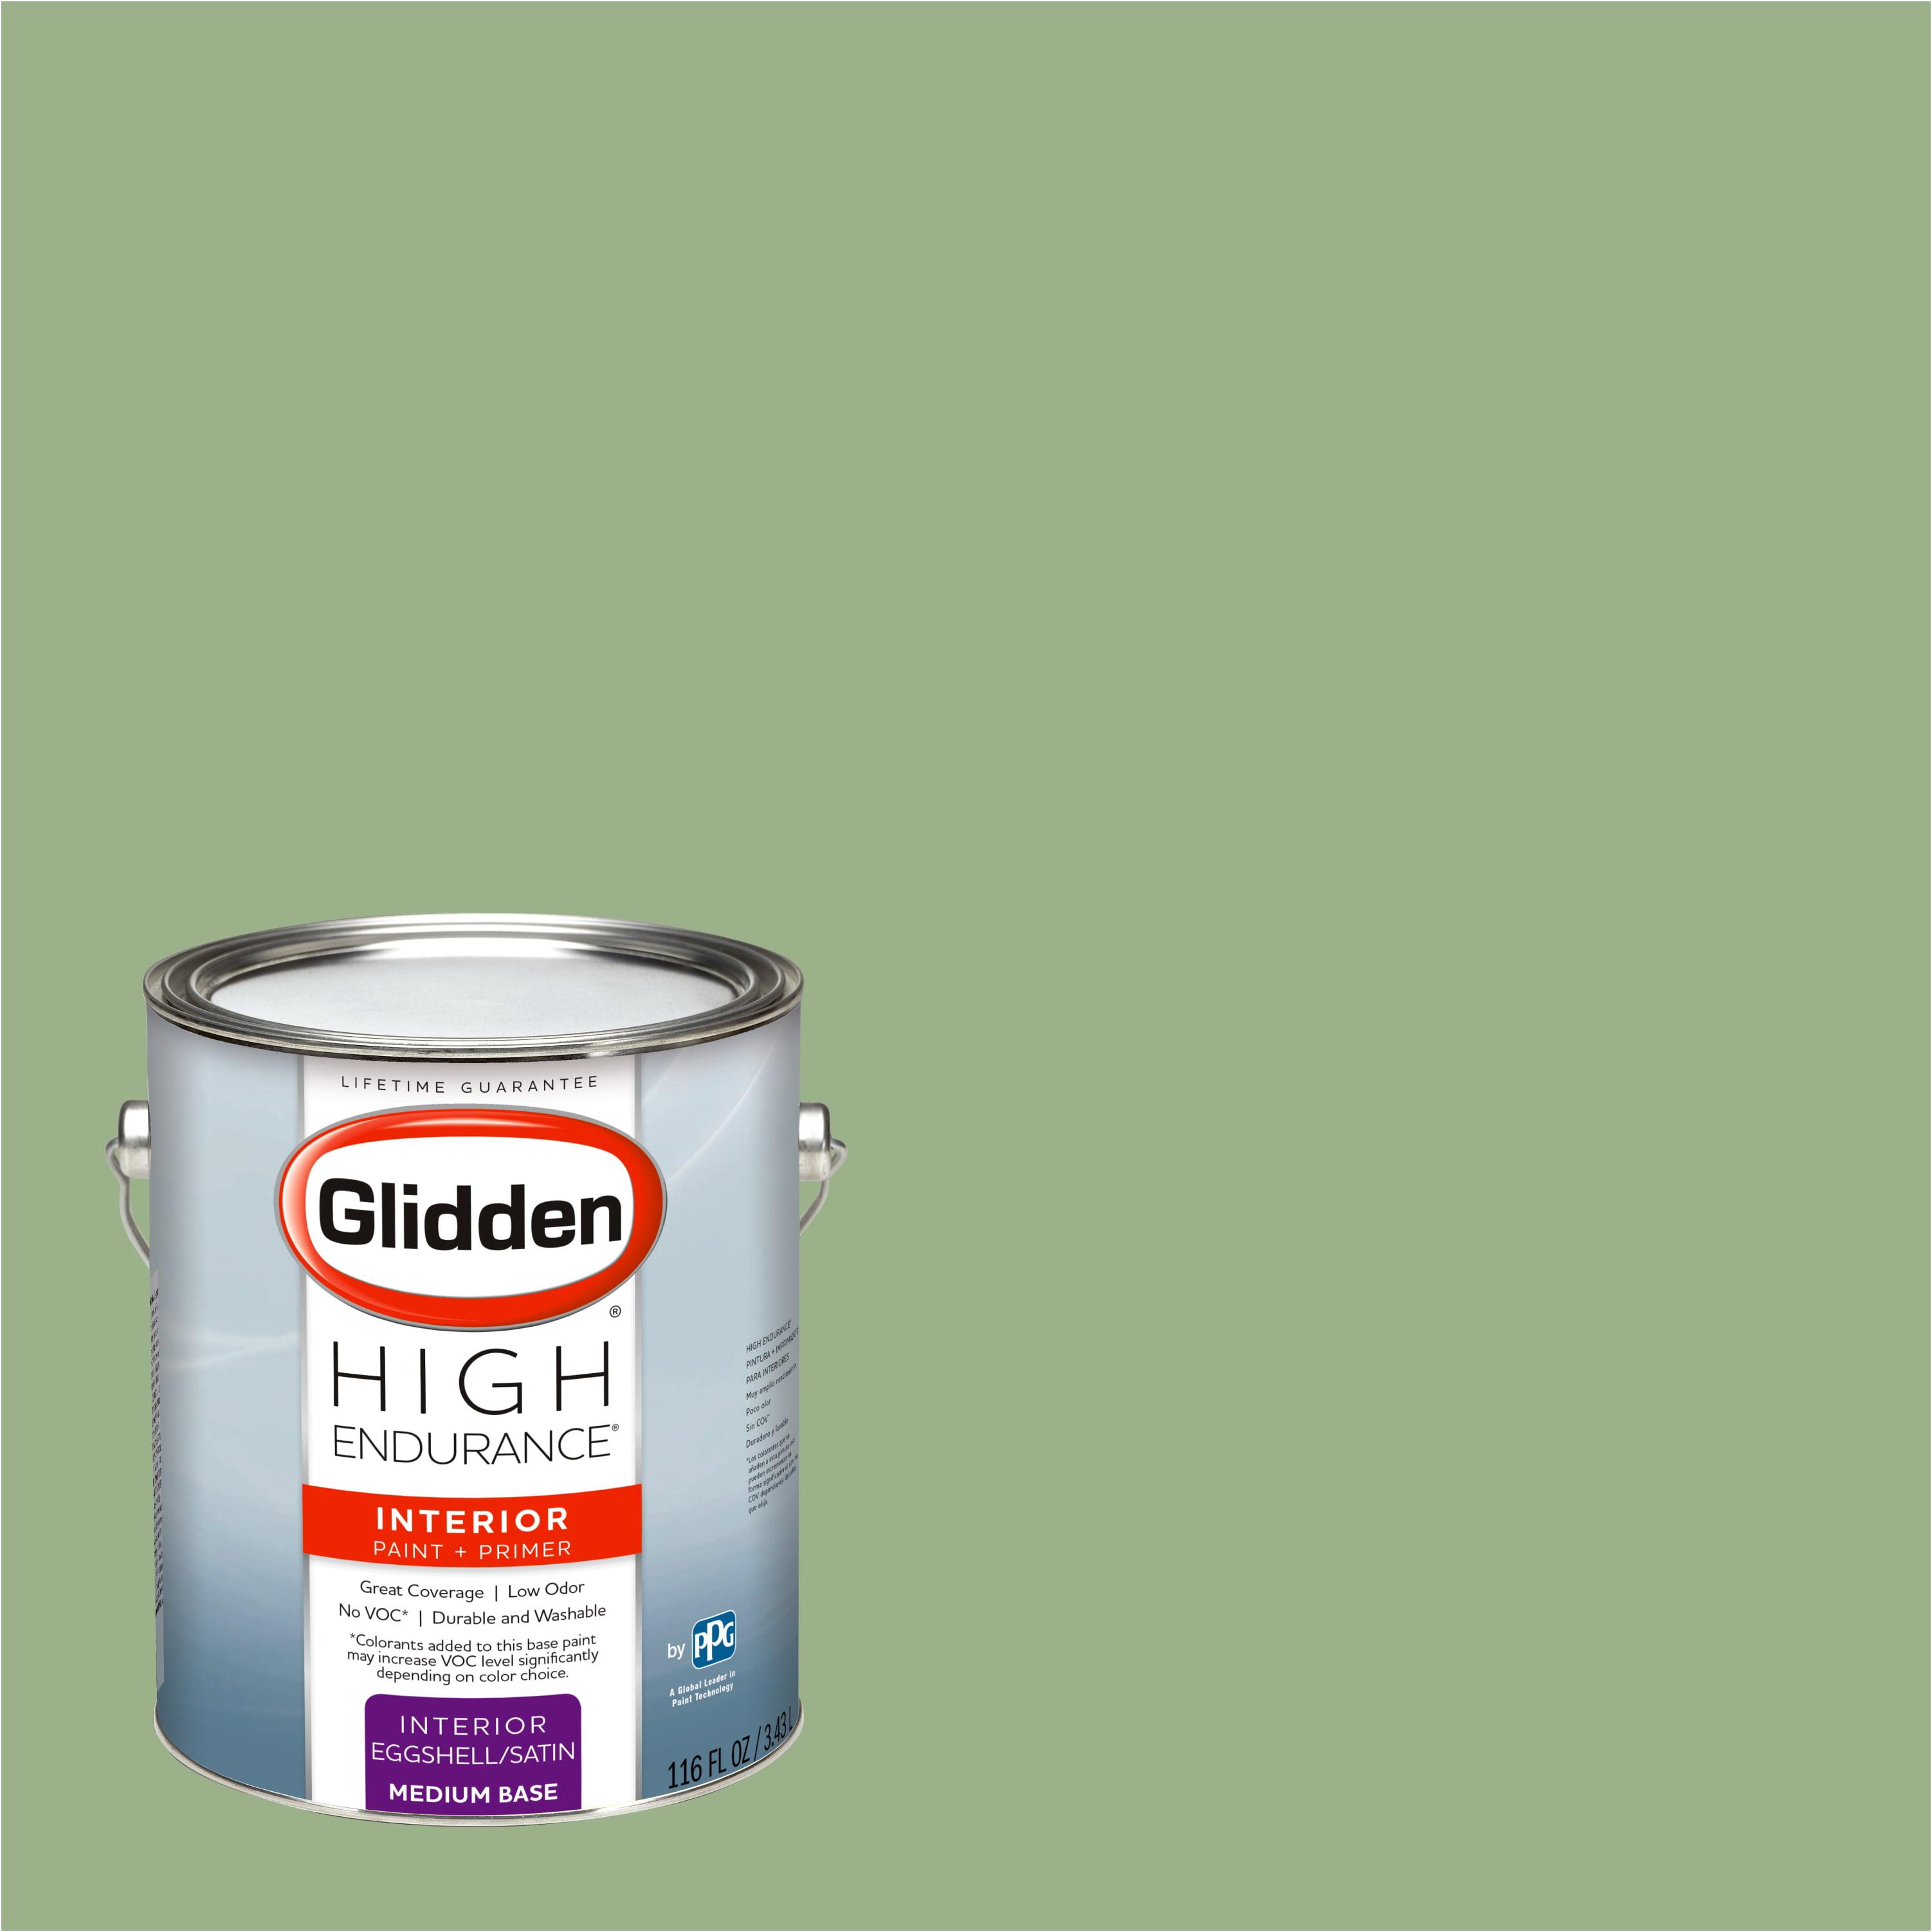 Glidden High Endurance, Interior Paint and Primer, Cloistered Garden Green, # 30GY 39/231